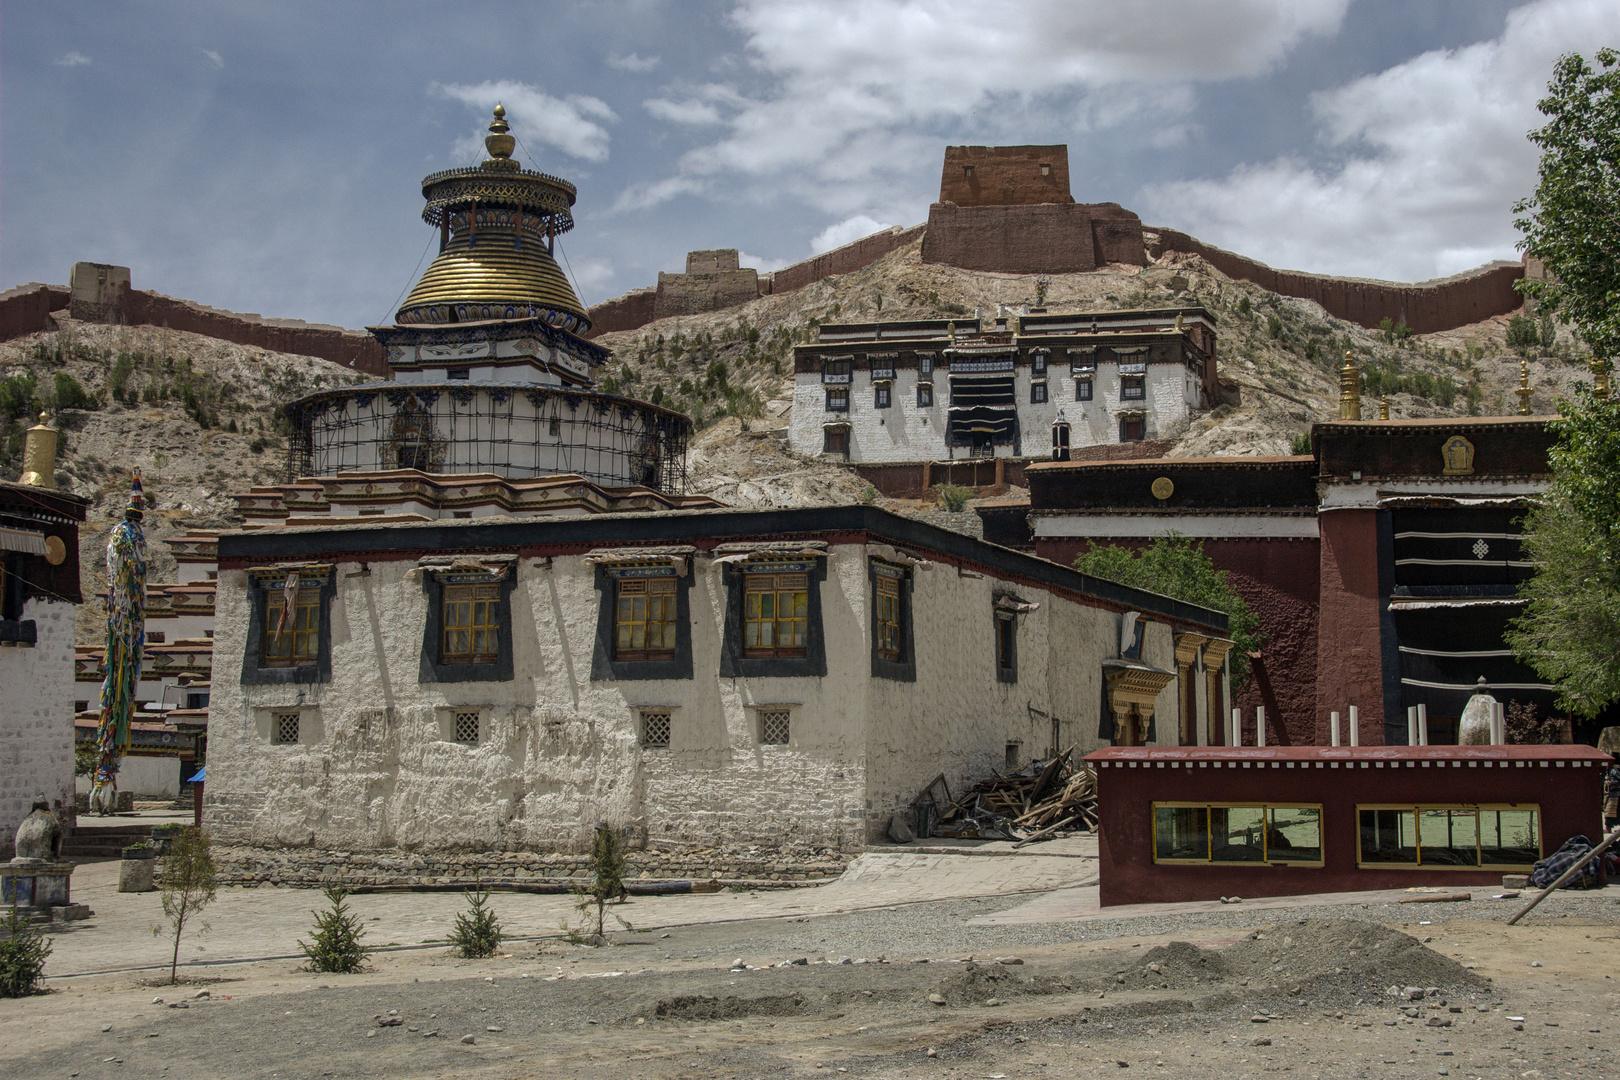 257 - Gyantse (Tibet) - Kumbum